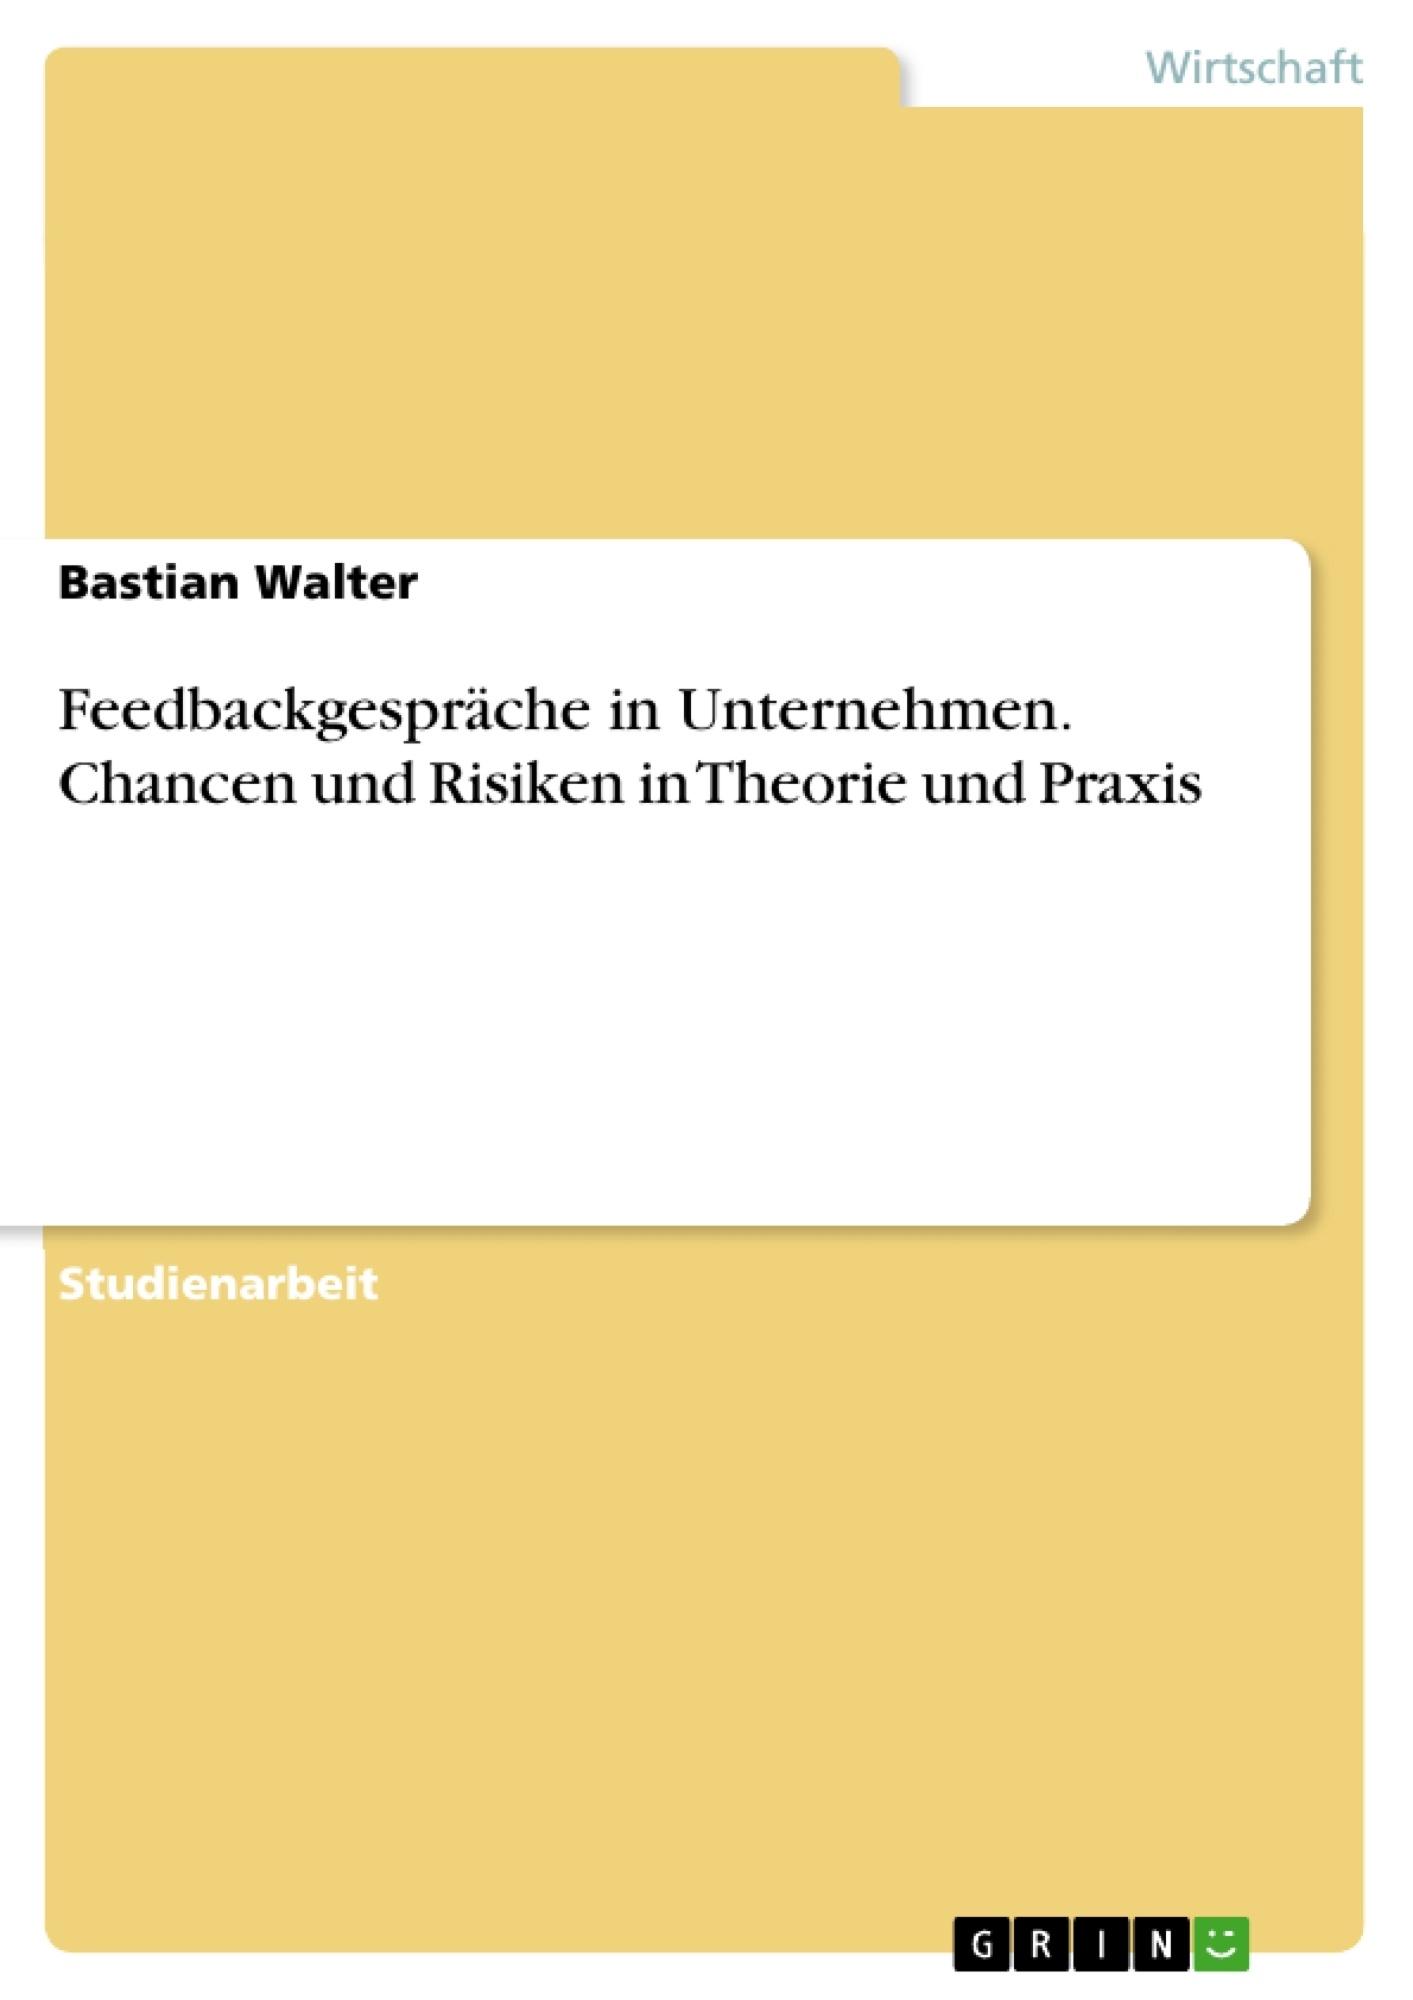 Titel: Feedbackgespräche in Unternehmen. Chancen und Risiken in Theorie und Praxis